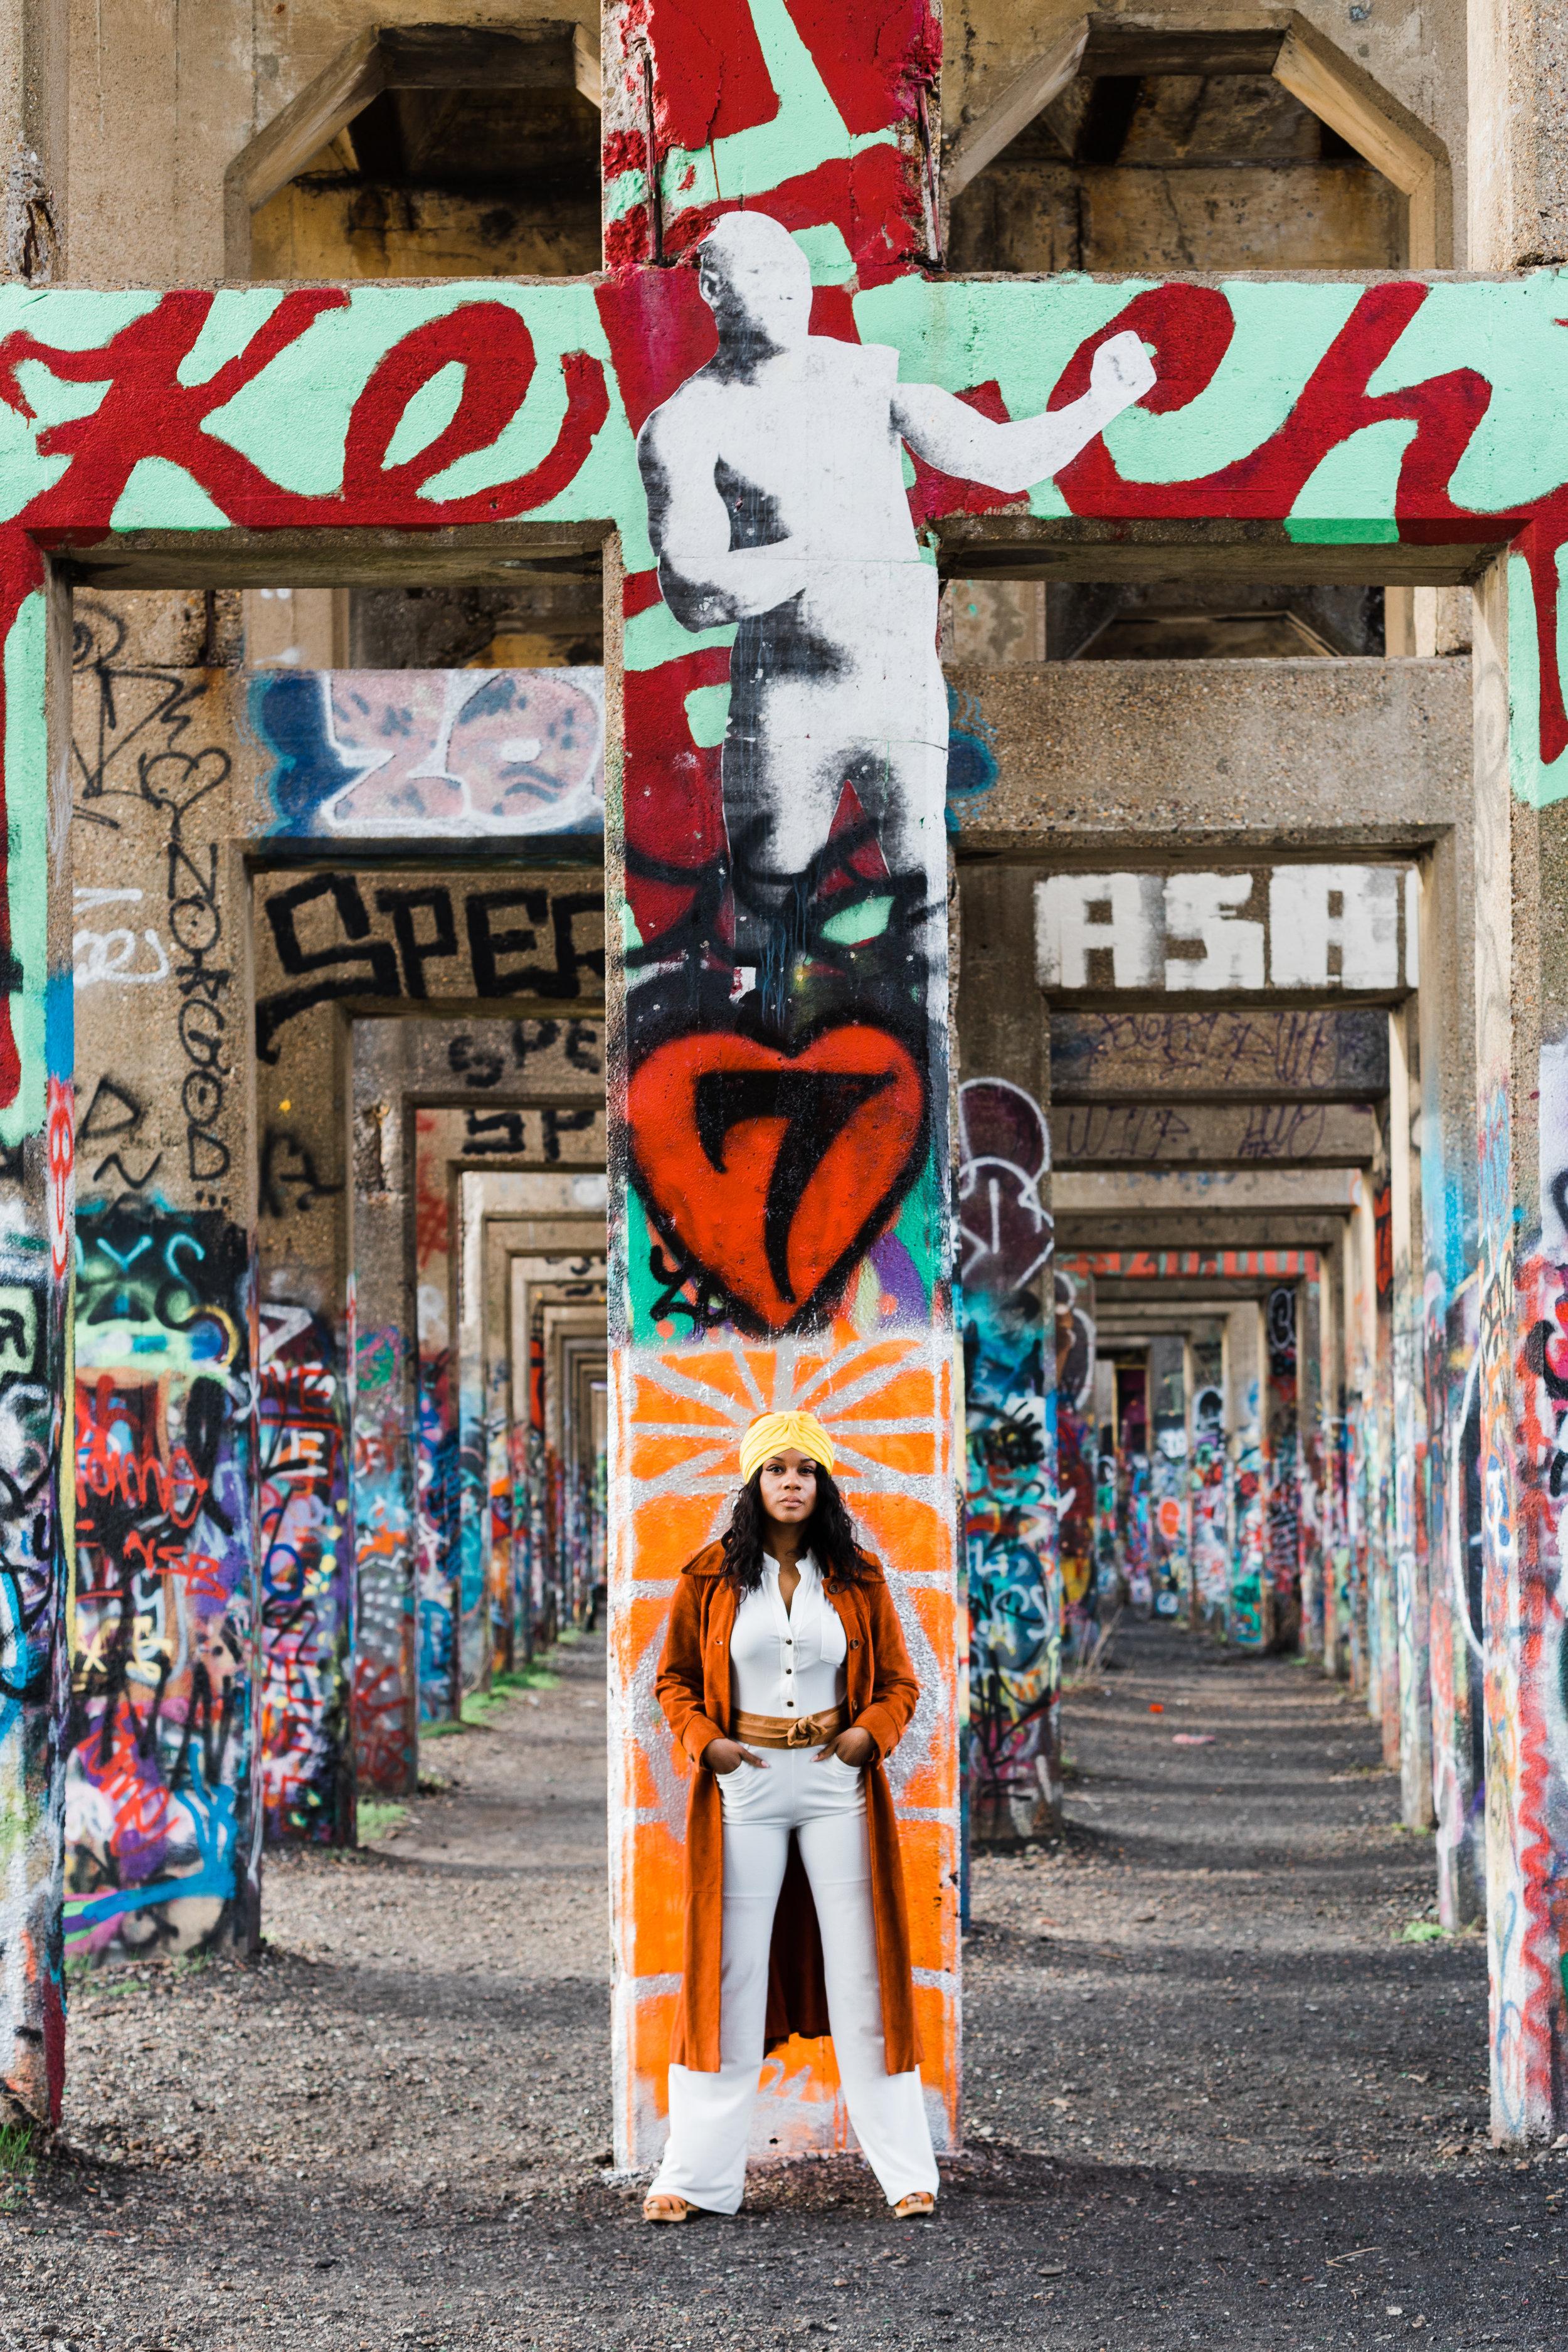 Kristen_Humbert_Graffiti_Pier_Ana-8381.jpg